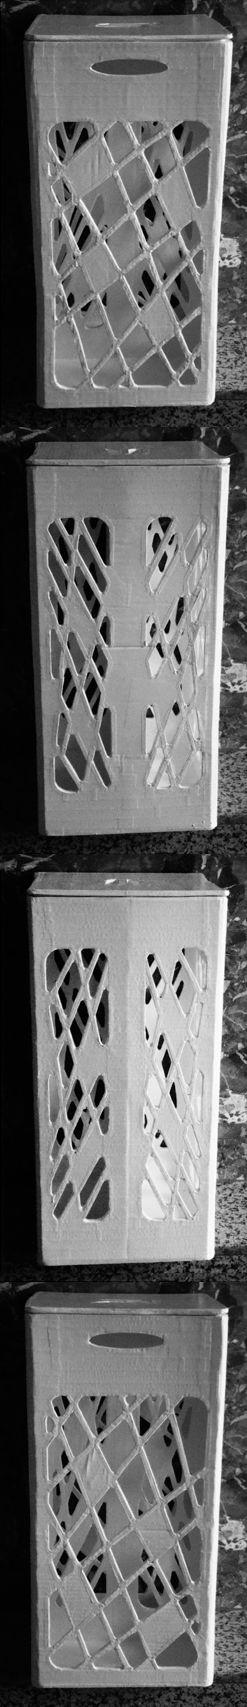 Cesto de la Ropa Sucia.- #Arquitecto #Disenador #Artesano #CosasBellas #BienHechas #Vivir #Carton #Cola #Muebles #Mueble #Ecologicos #Ecologia #Diseno #Reciclable #Cartonista #Ecologista #Creamos #Madrid #Espana